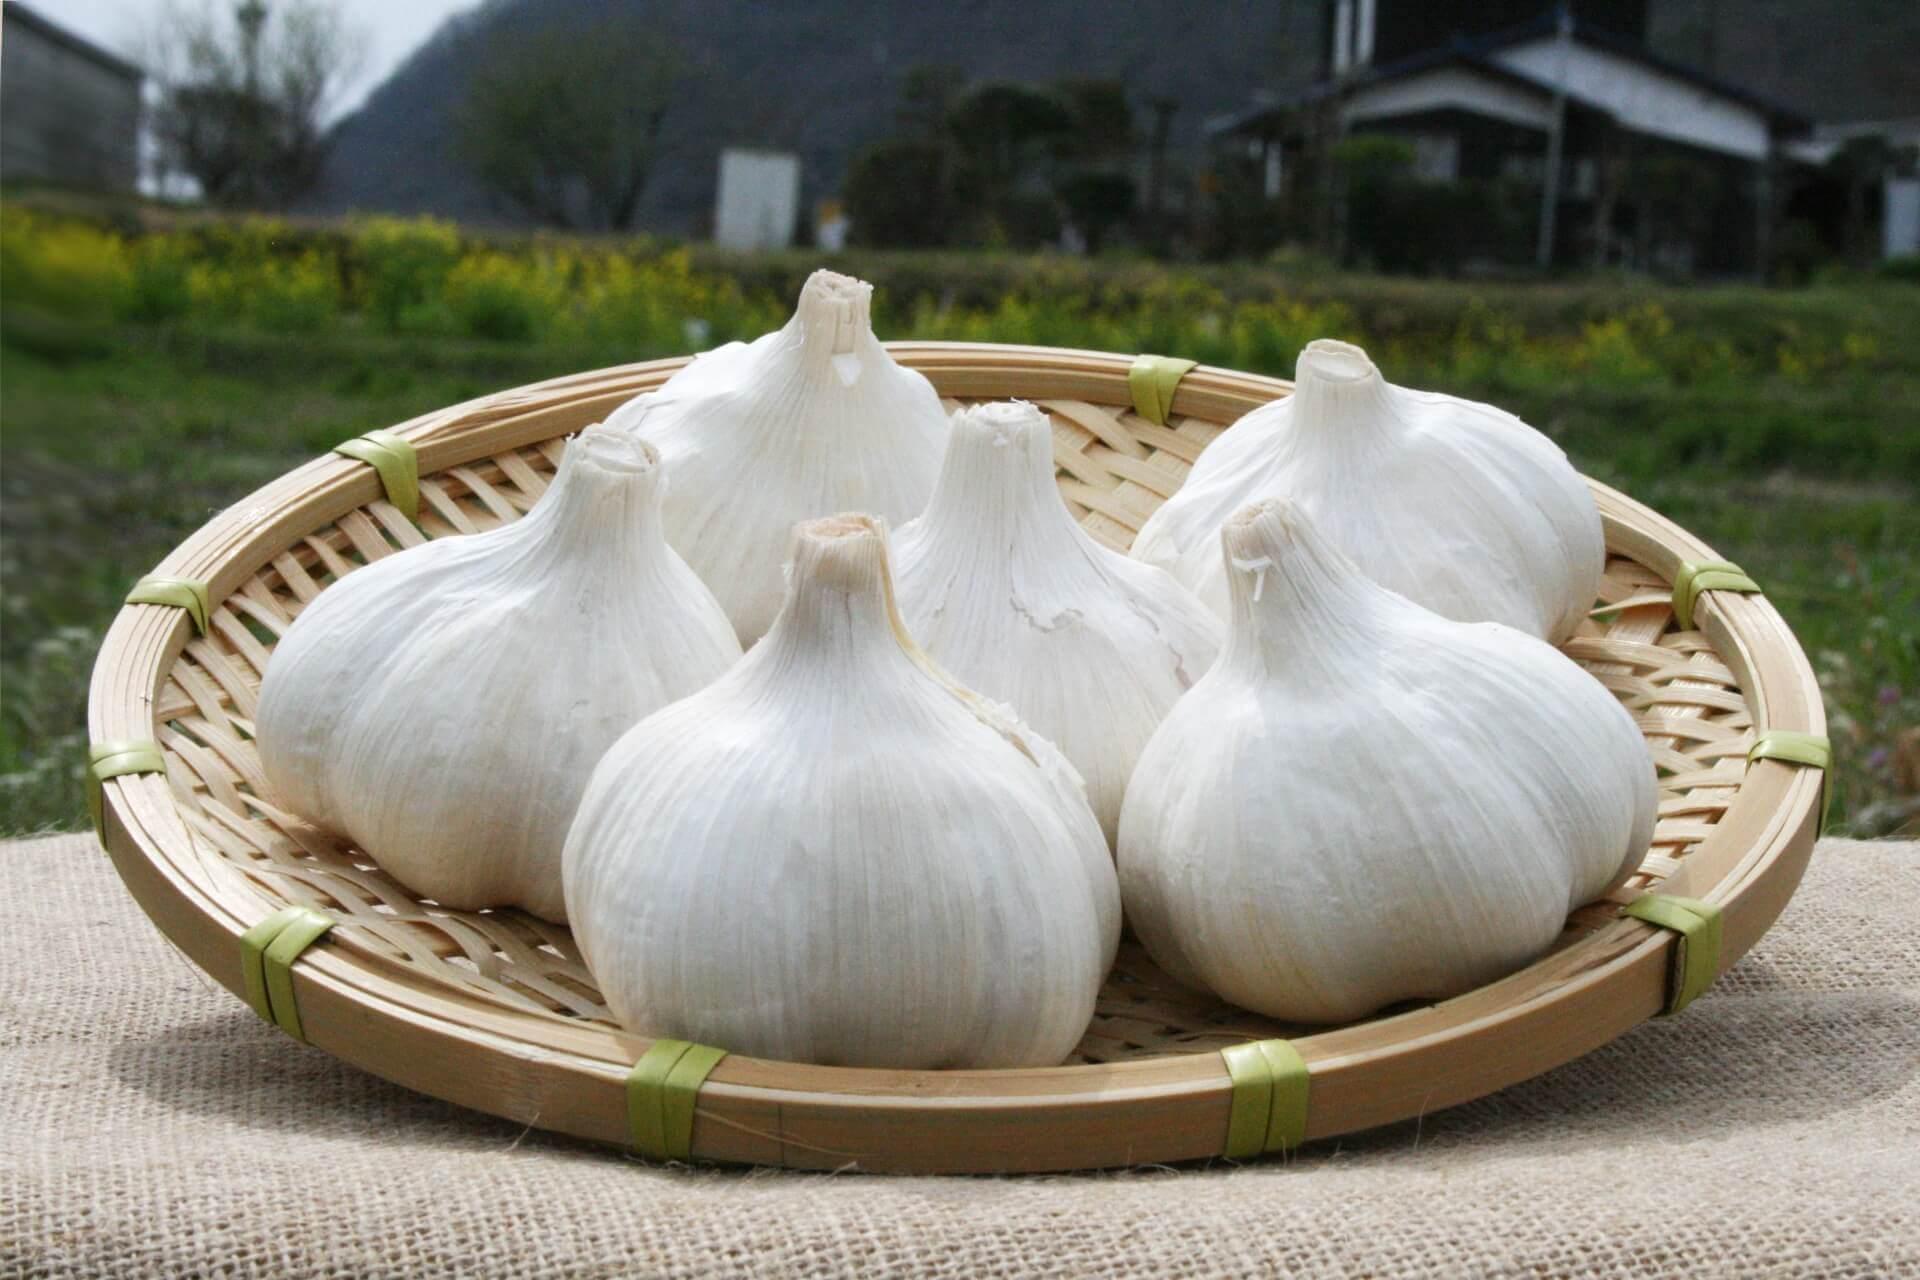 青森県福地産にんにく「ホワイト六片」!女性必見の美容健康効果